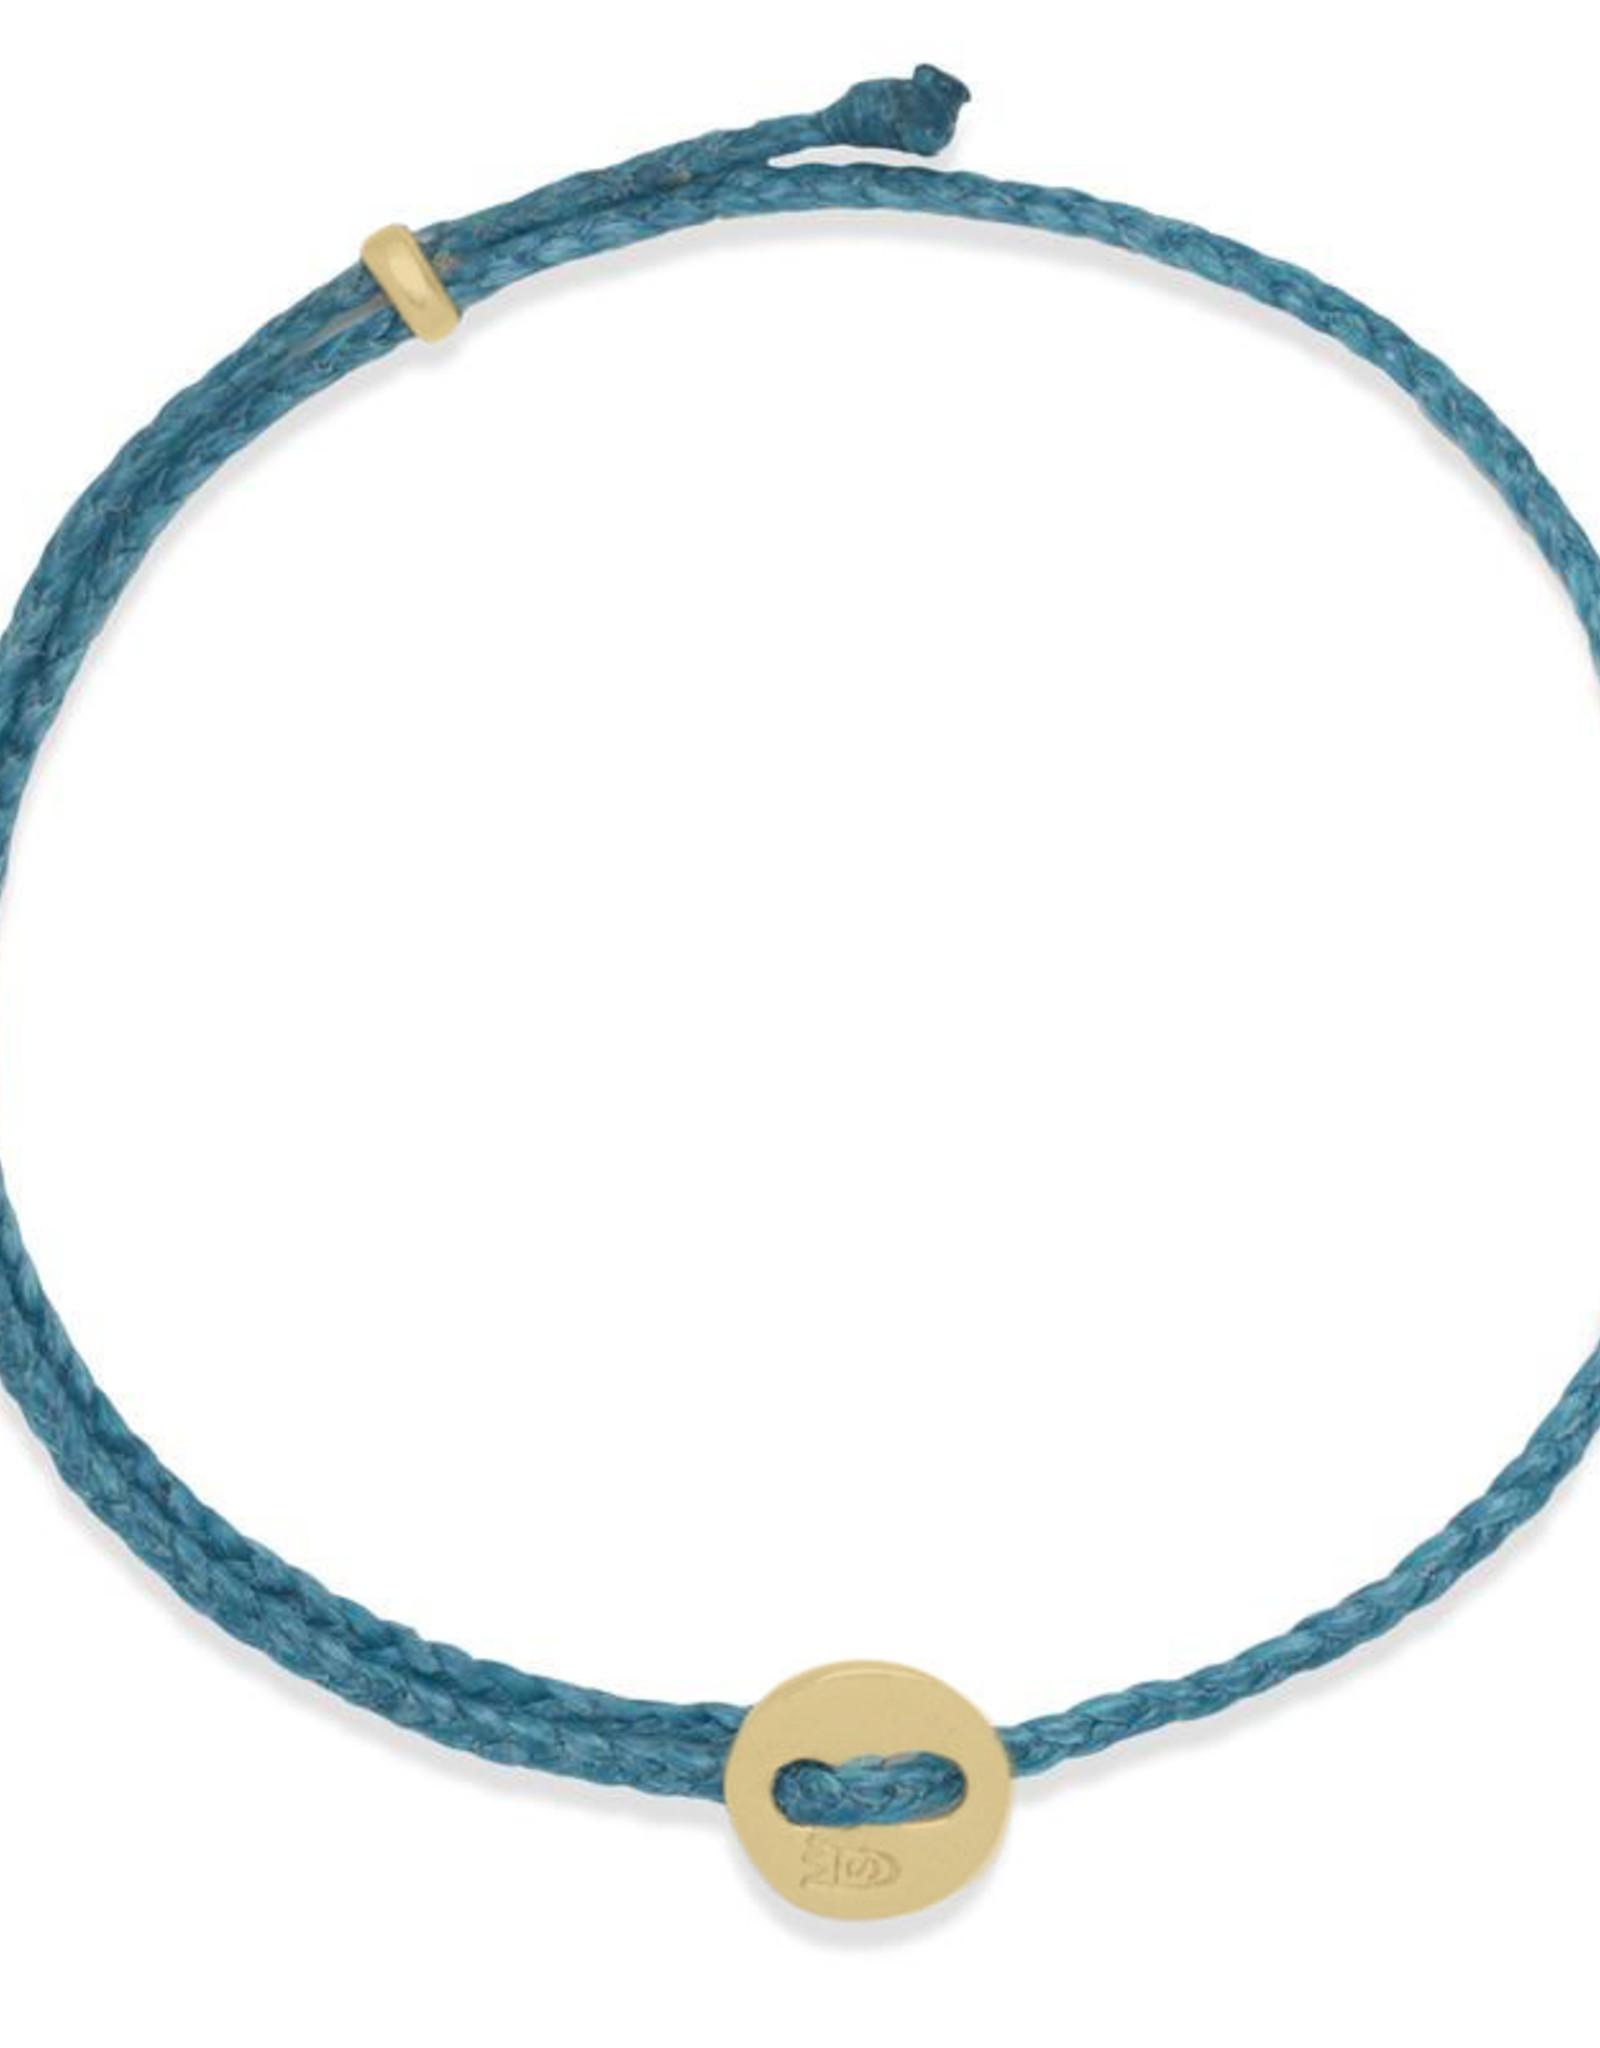 Scosha Signature Brass Slider Bracelet - Turquoise